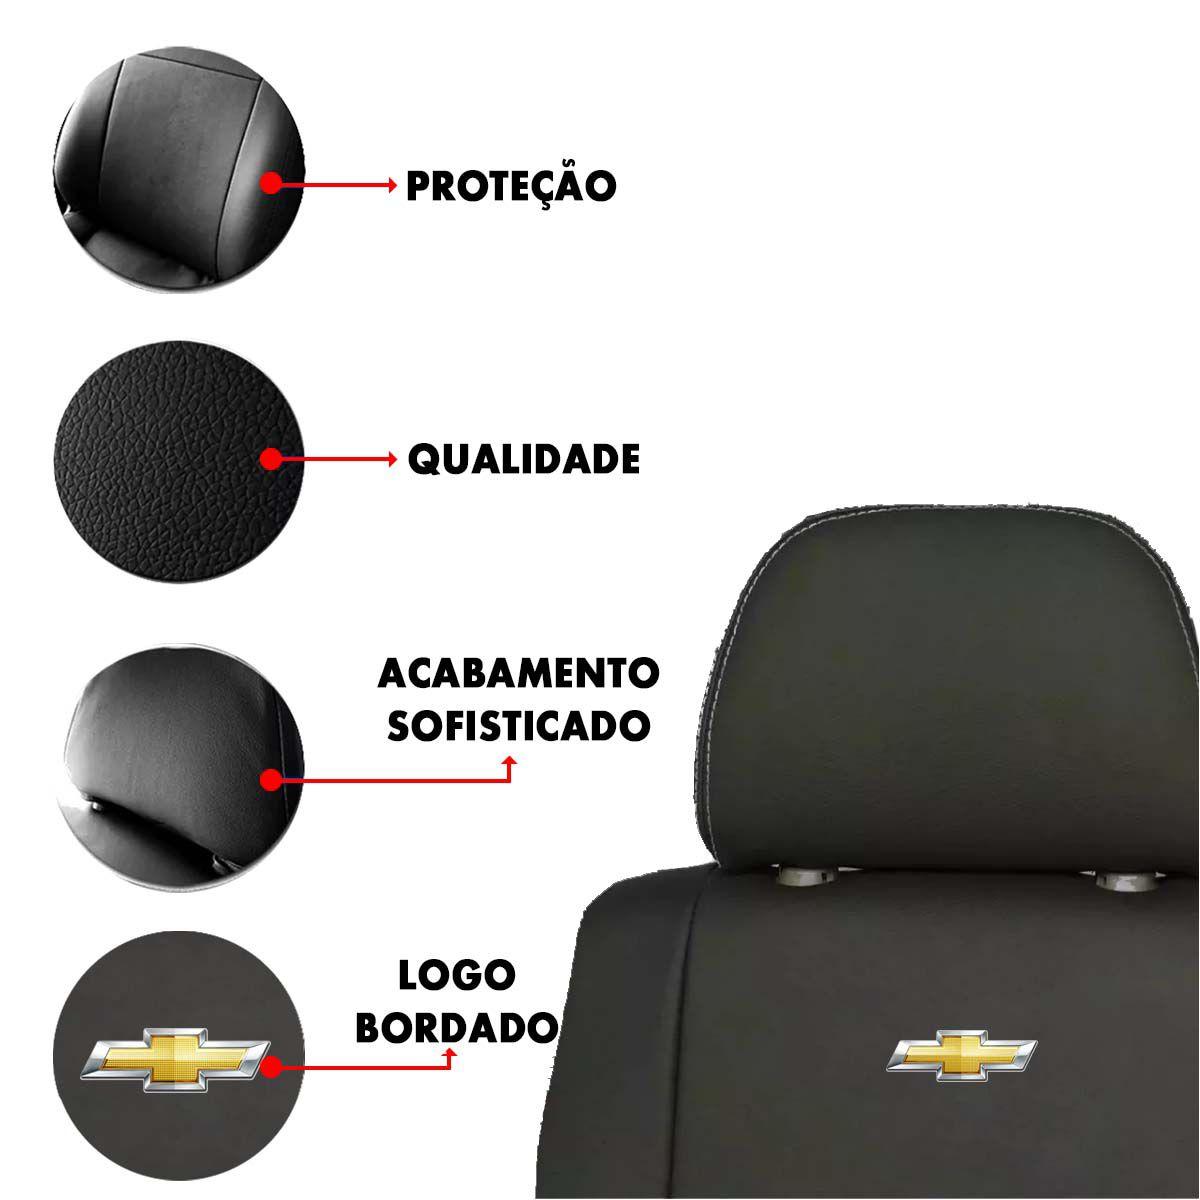 Capa de Banco Chevrolet Corsa Classic Celta Vectra Astra Couro Sintetico Bordado Poliparts